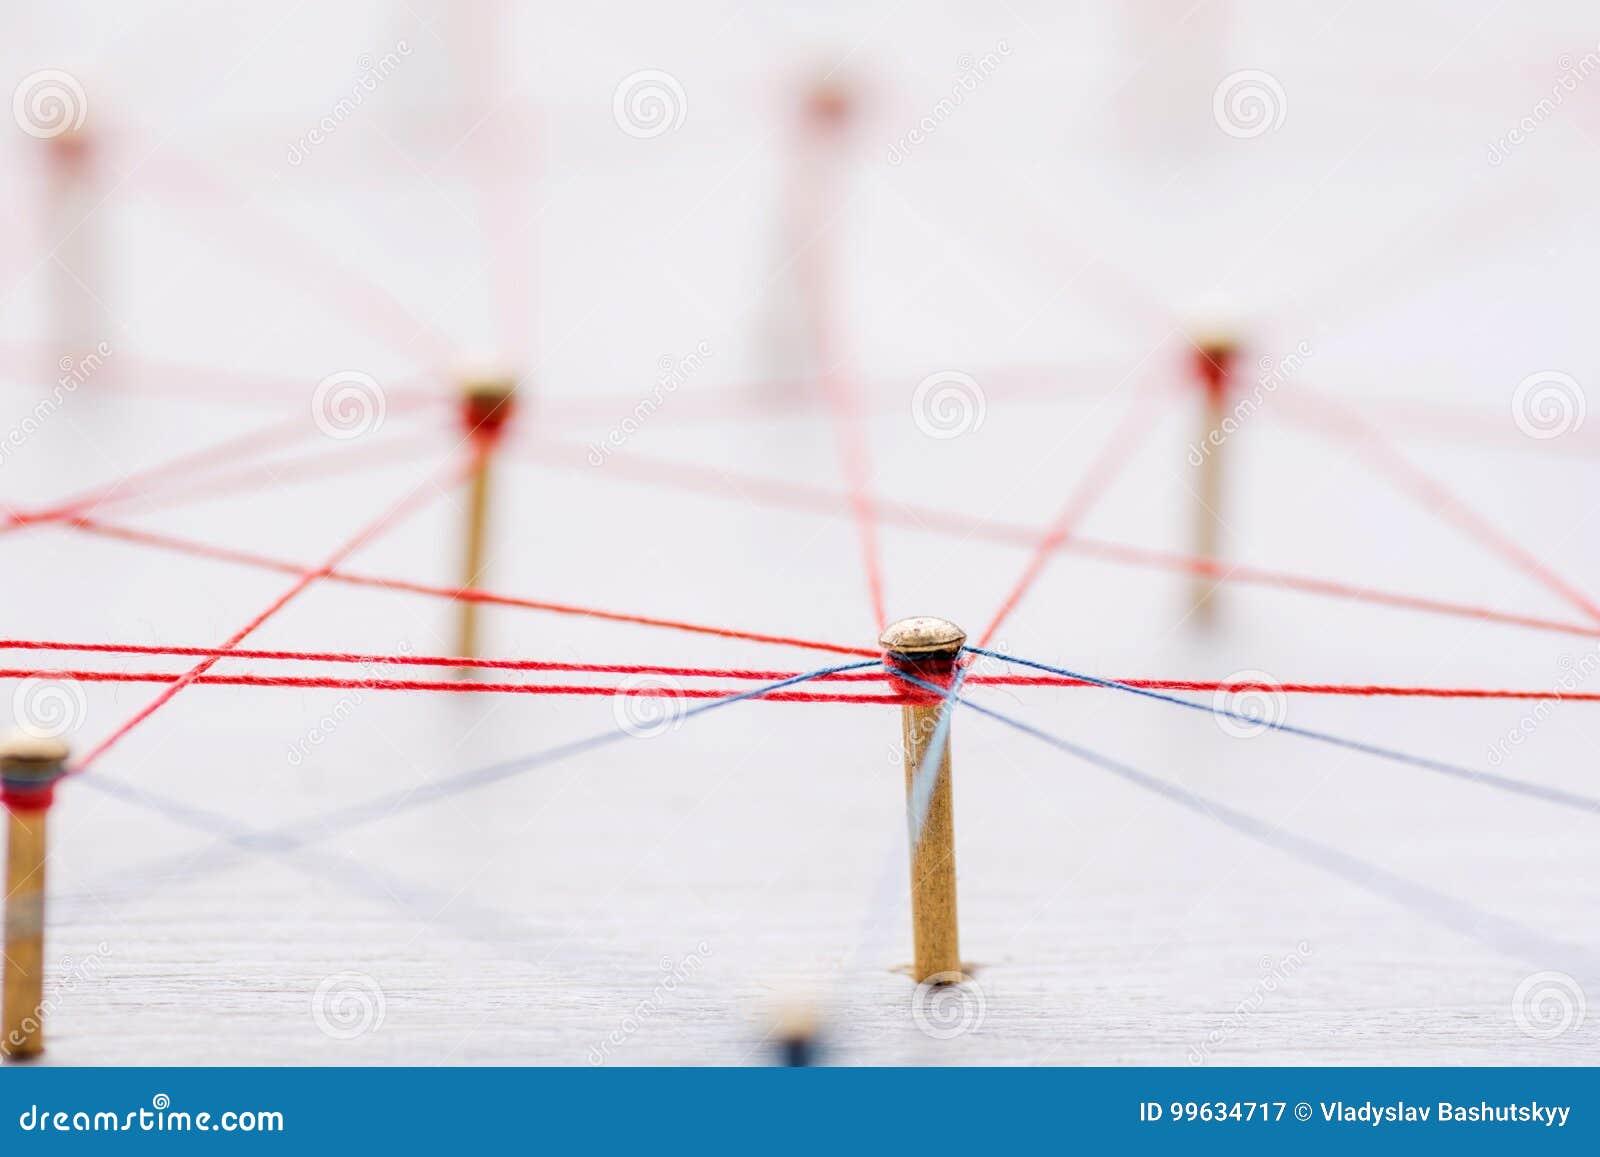 Справочная информация Абстрактная концепция сети, социальных средств массовой информации, интернета, сыгранности, сообщения Ногти